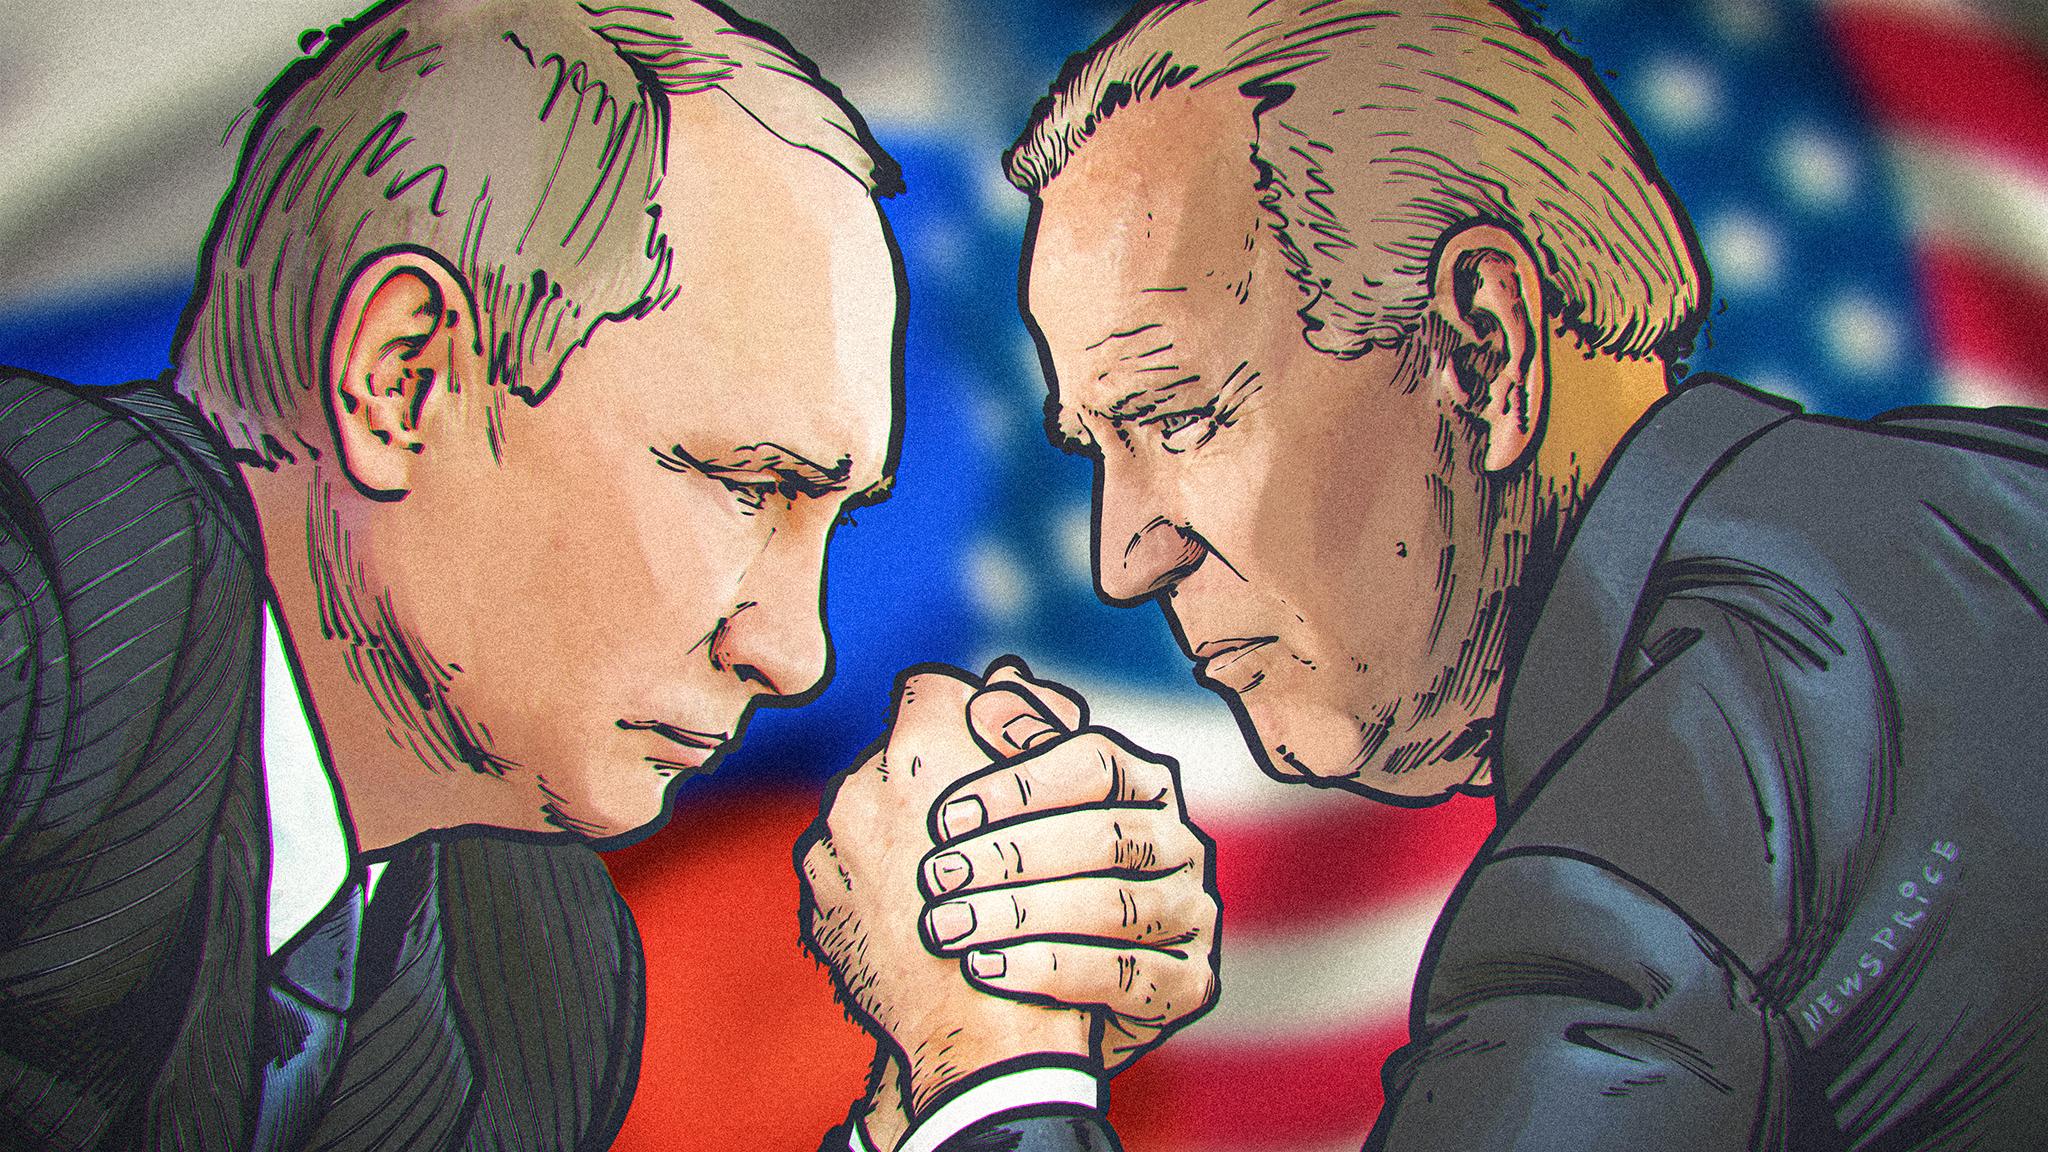 «Встреча века»: как саммит Байдена и Путина отразится на дальнейших российско-американских отношениях?